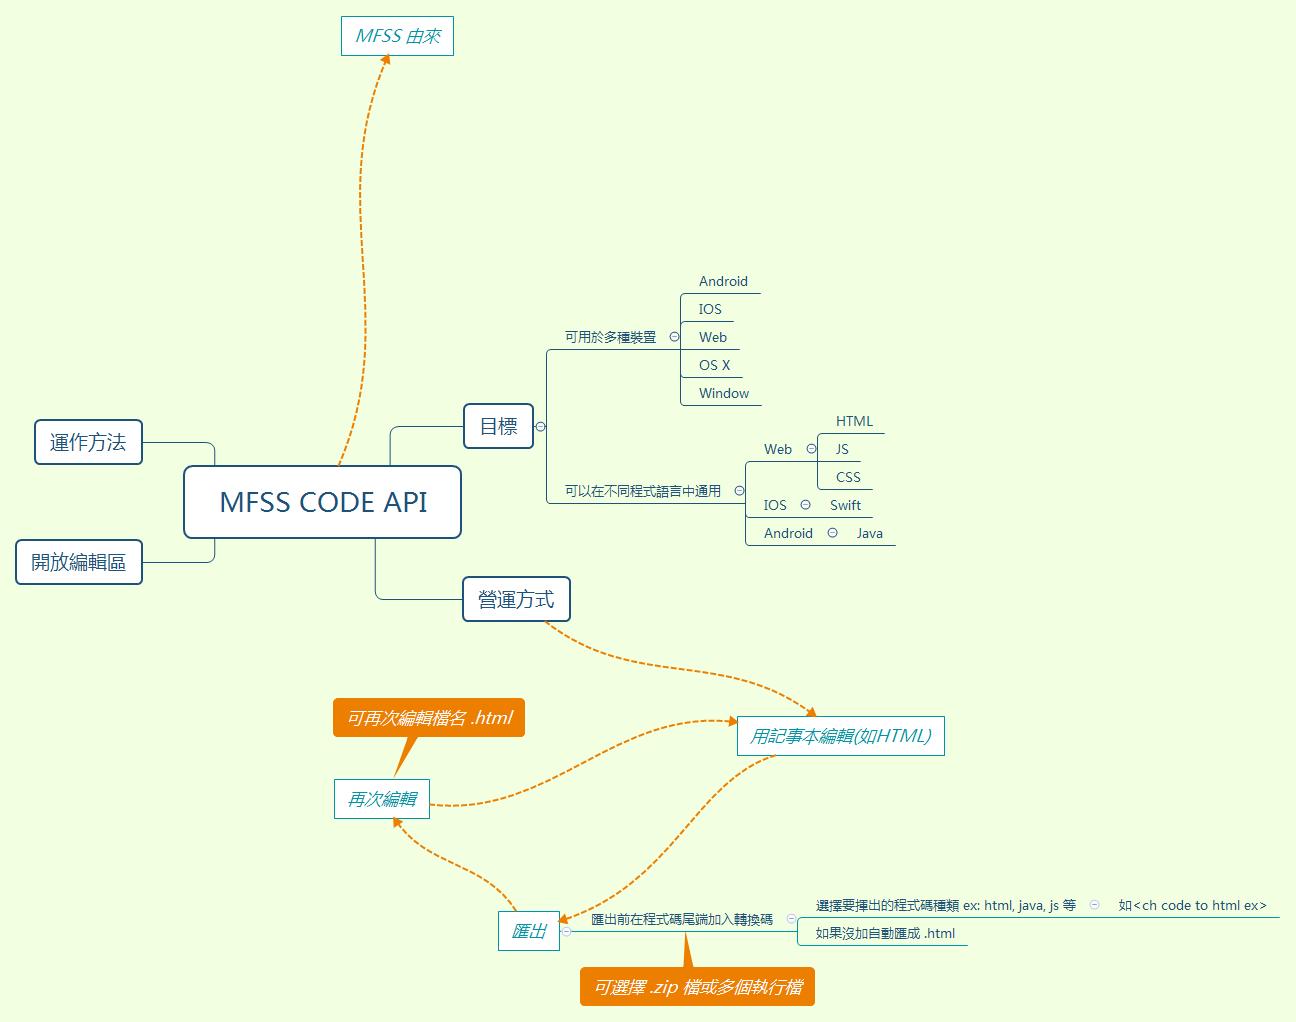 MFSS Code API